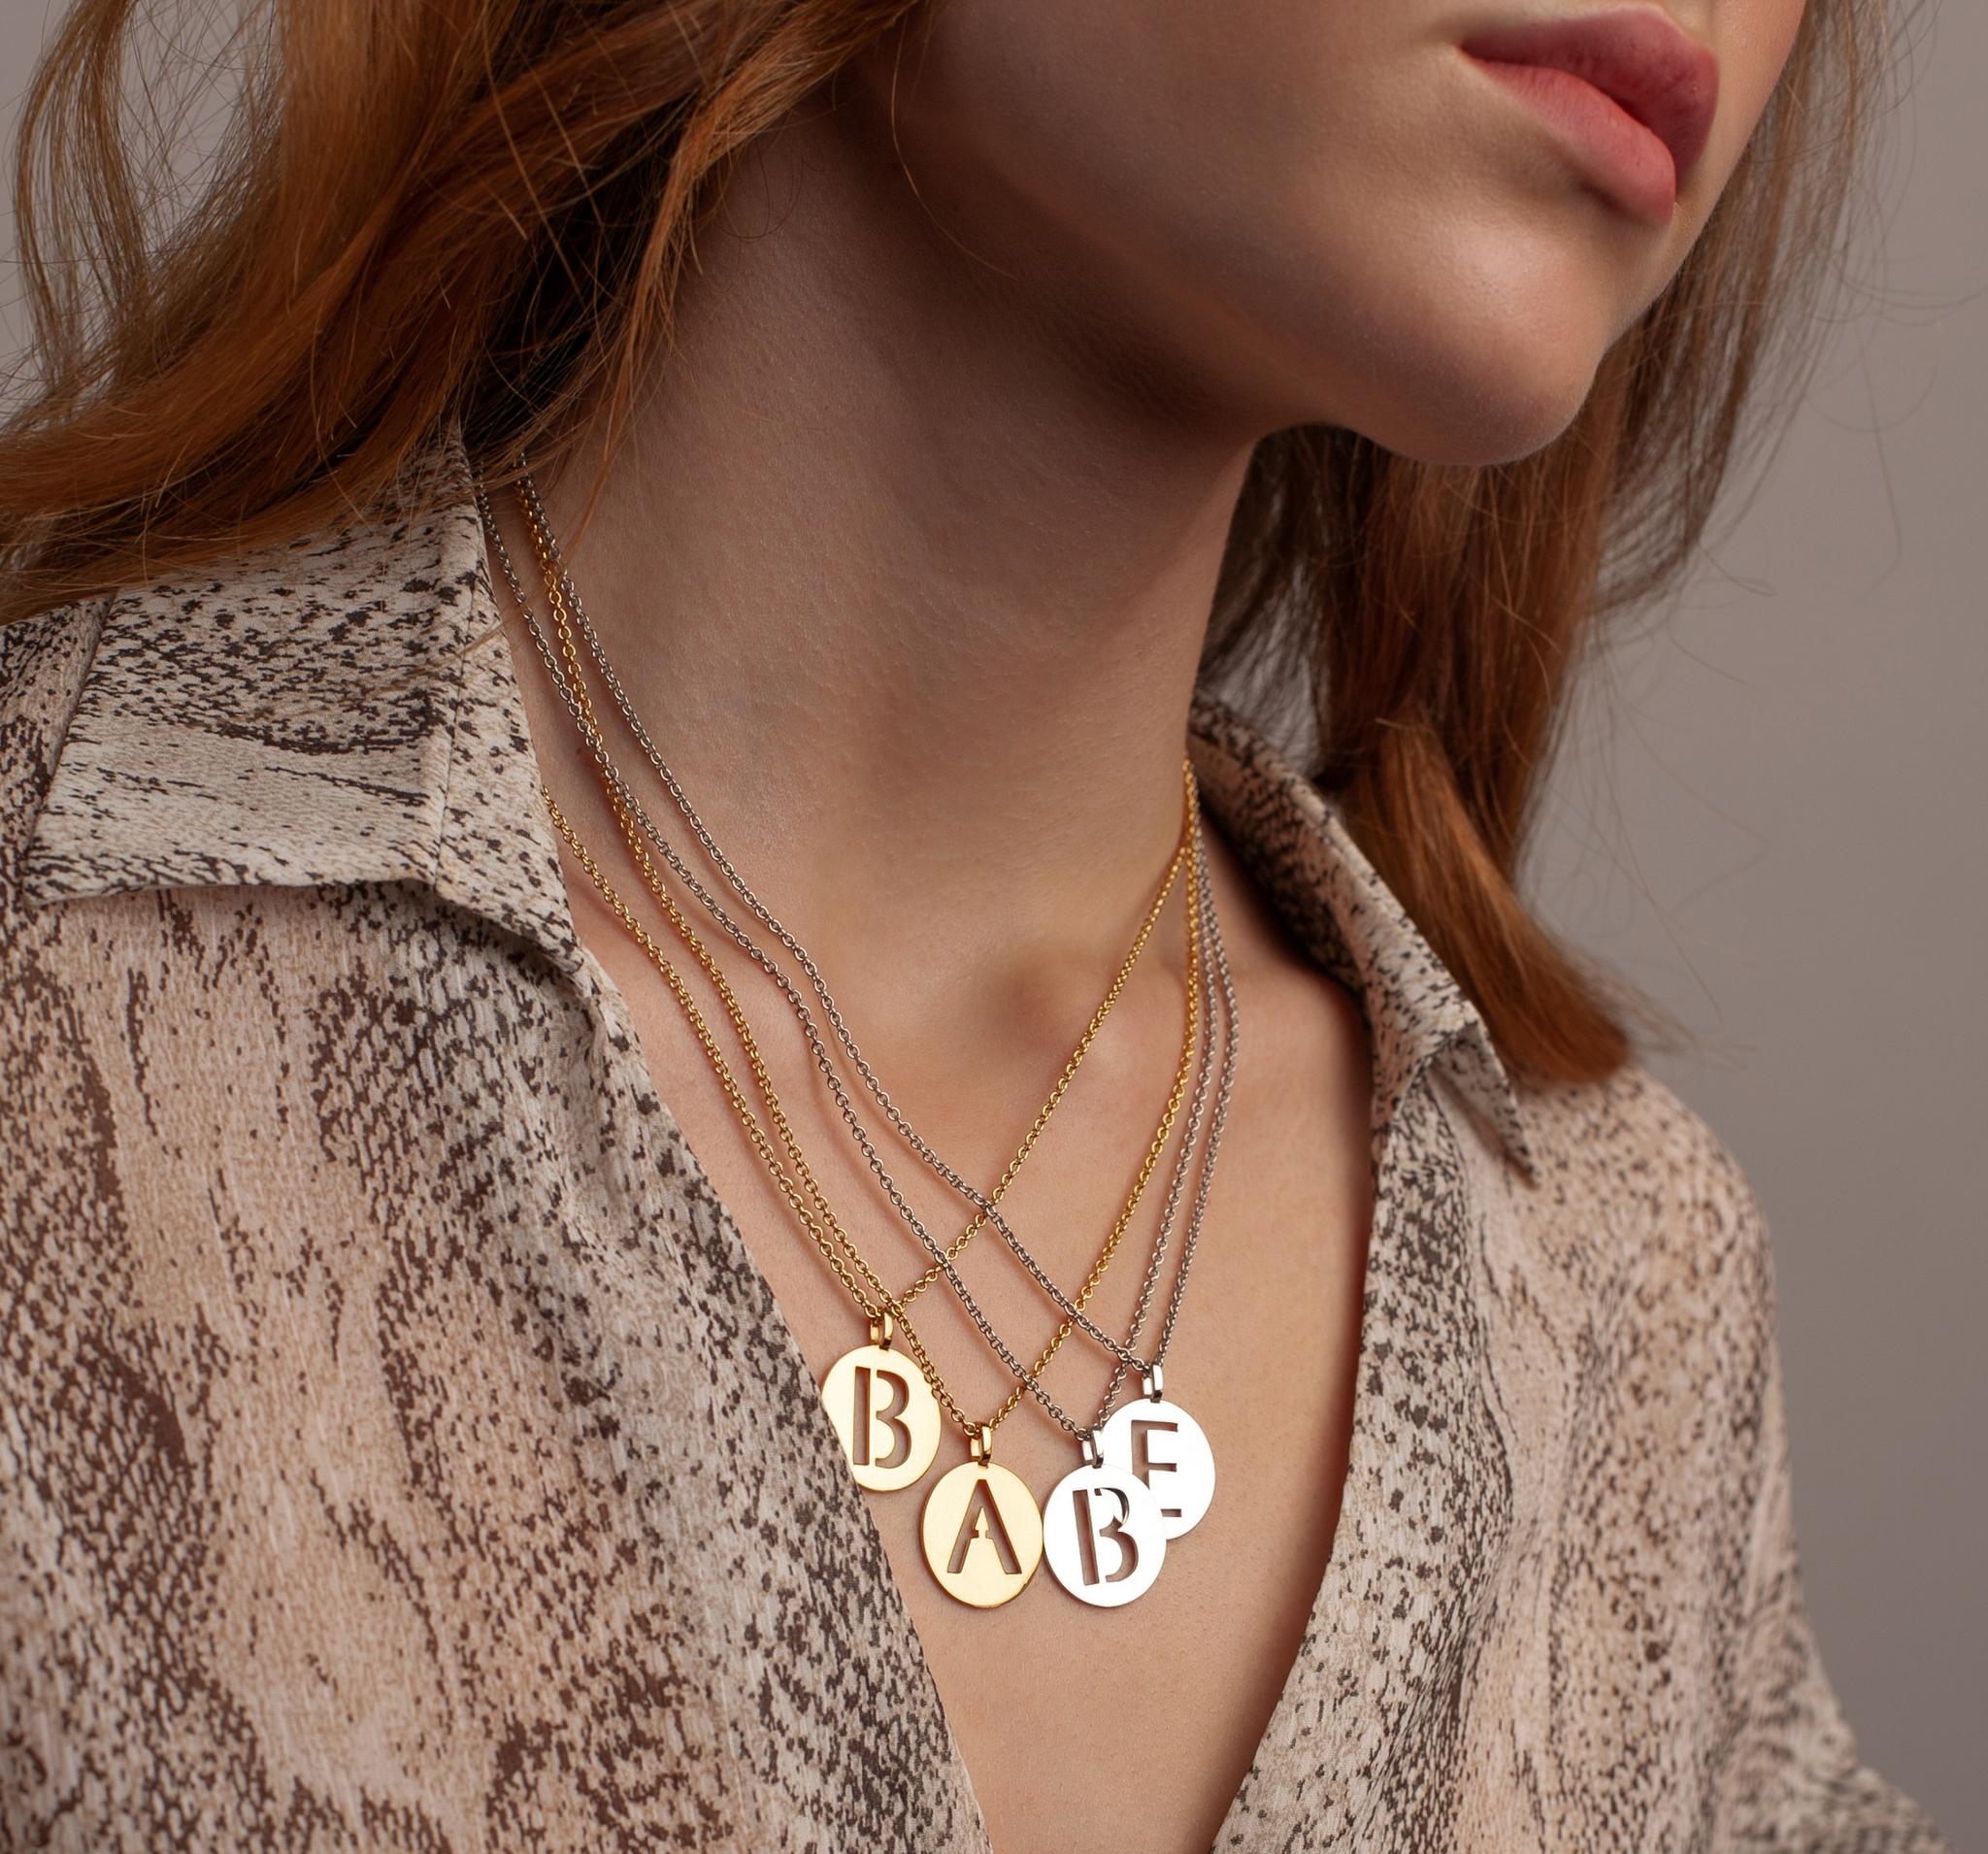 Лаконичный медальон на тонкой цепочке с подвесом в виде буквы